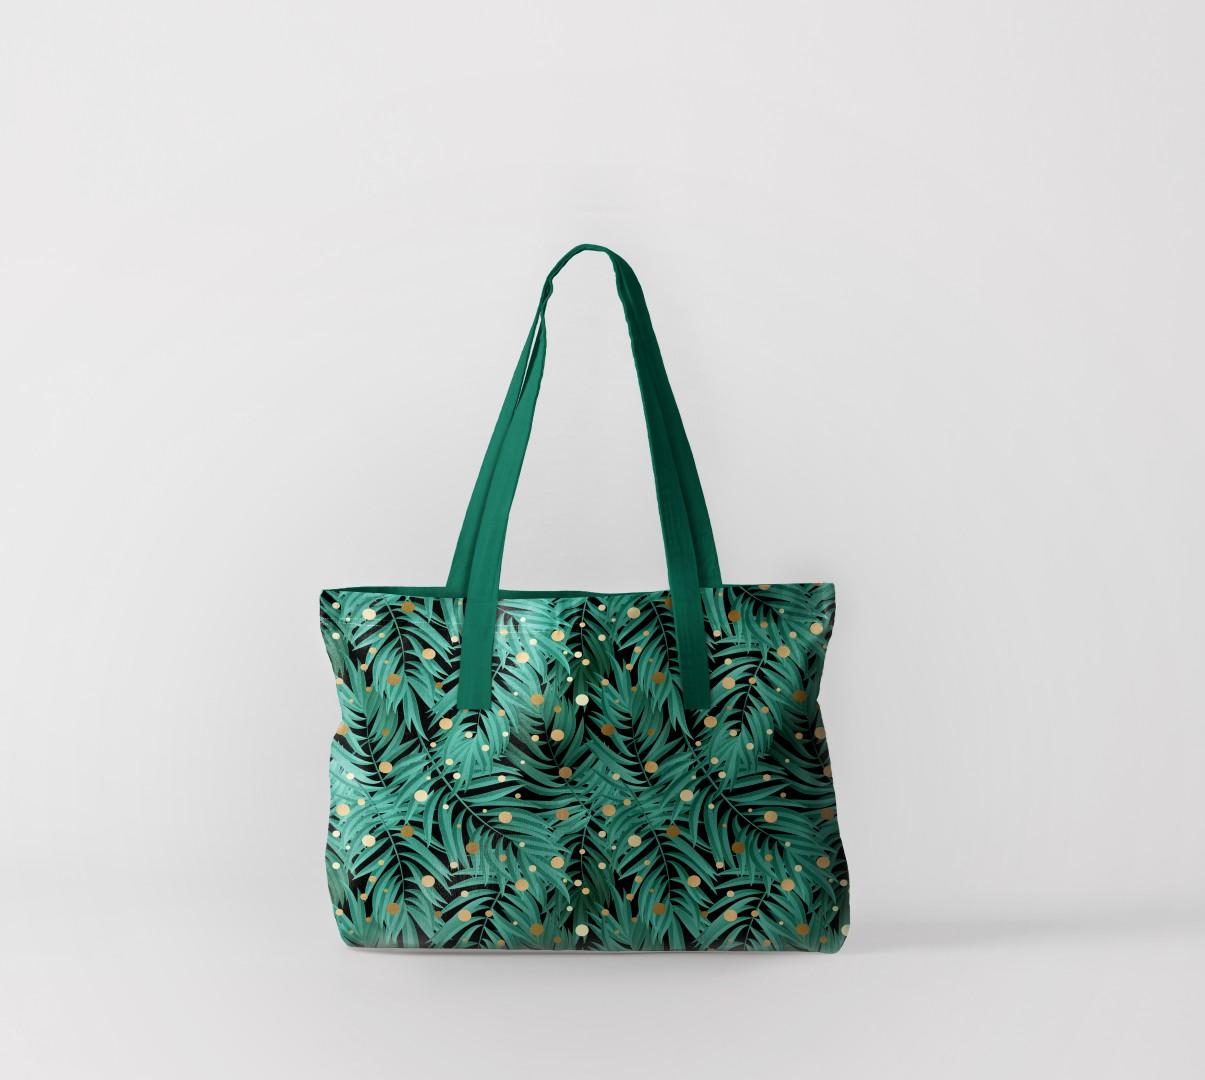 Пляжная сумка Флора тропиков 2 (50х40 см) Олимп Текстиль oli732602